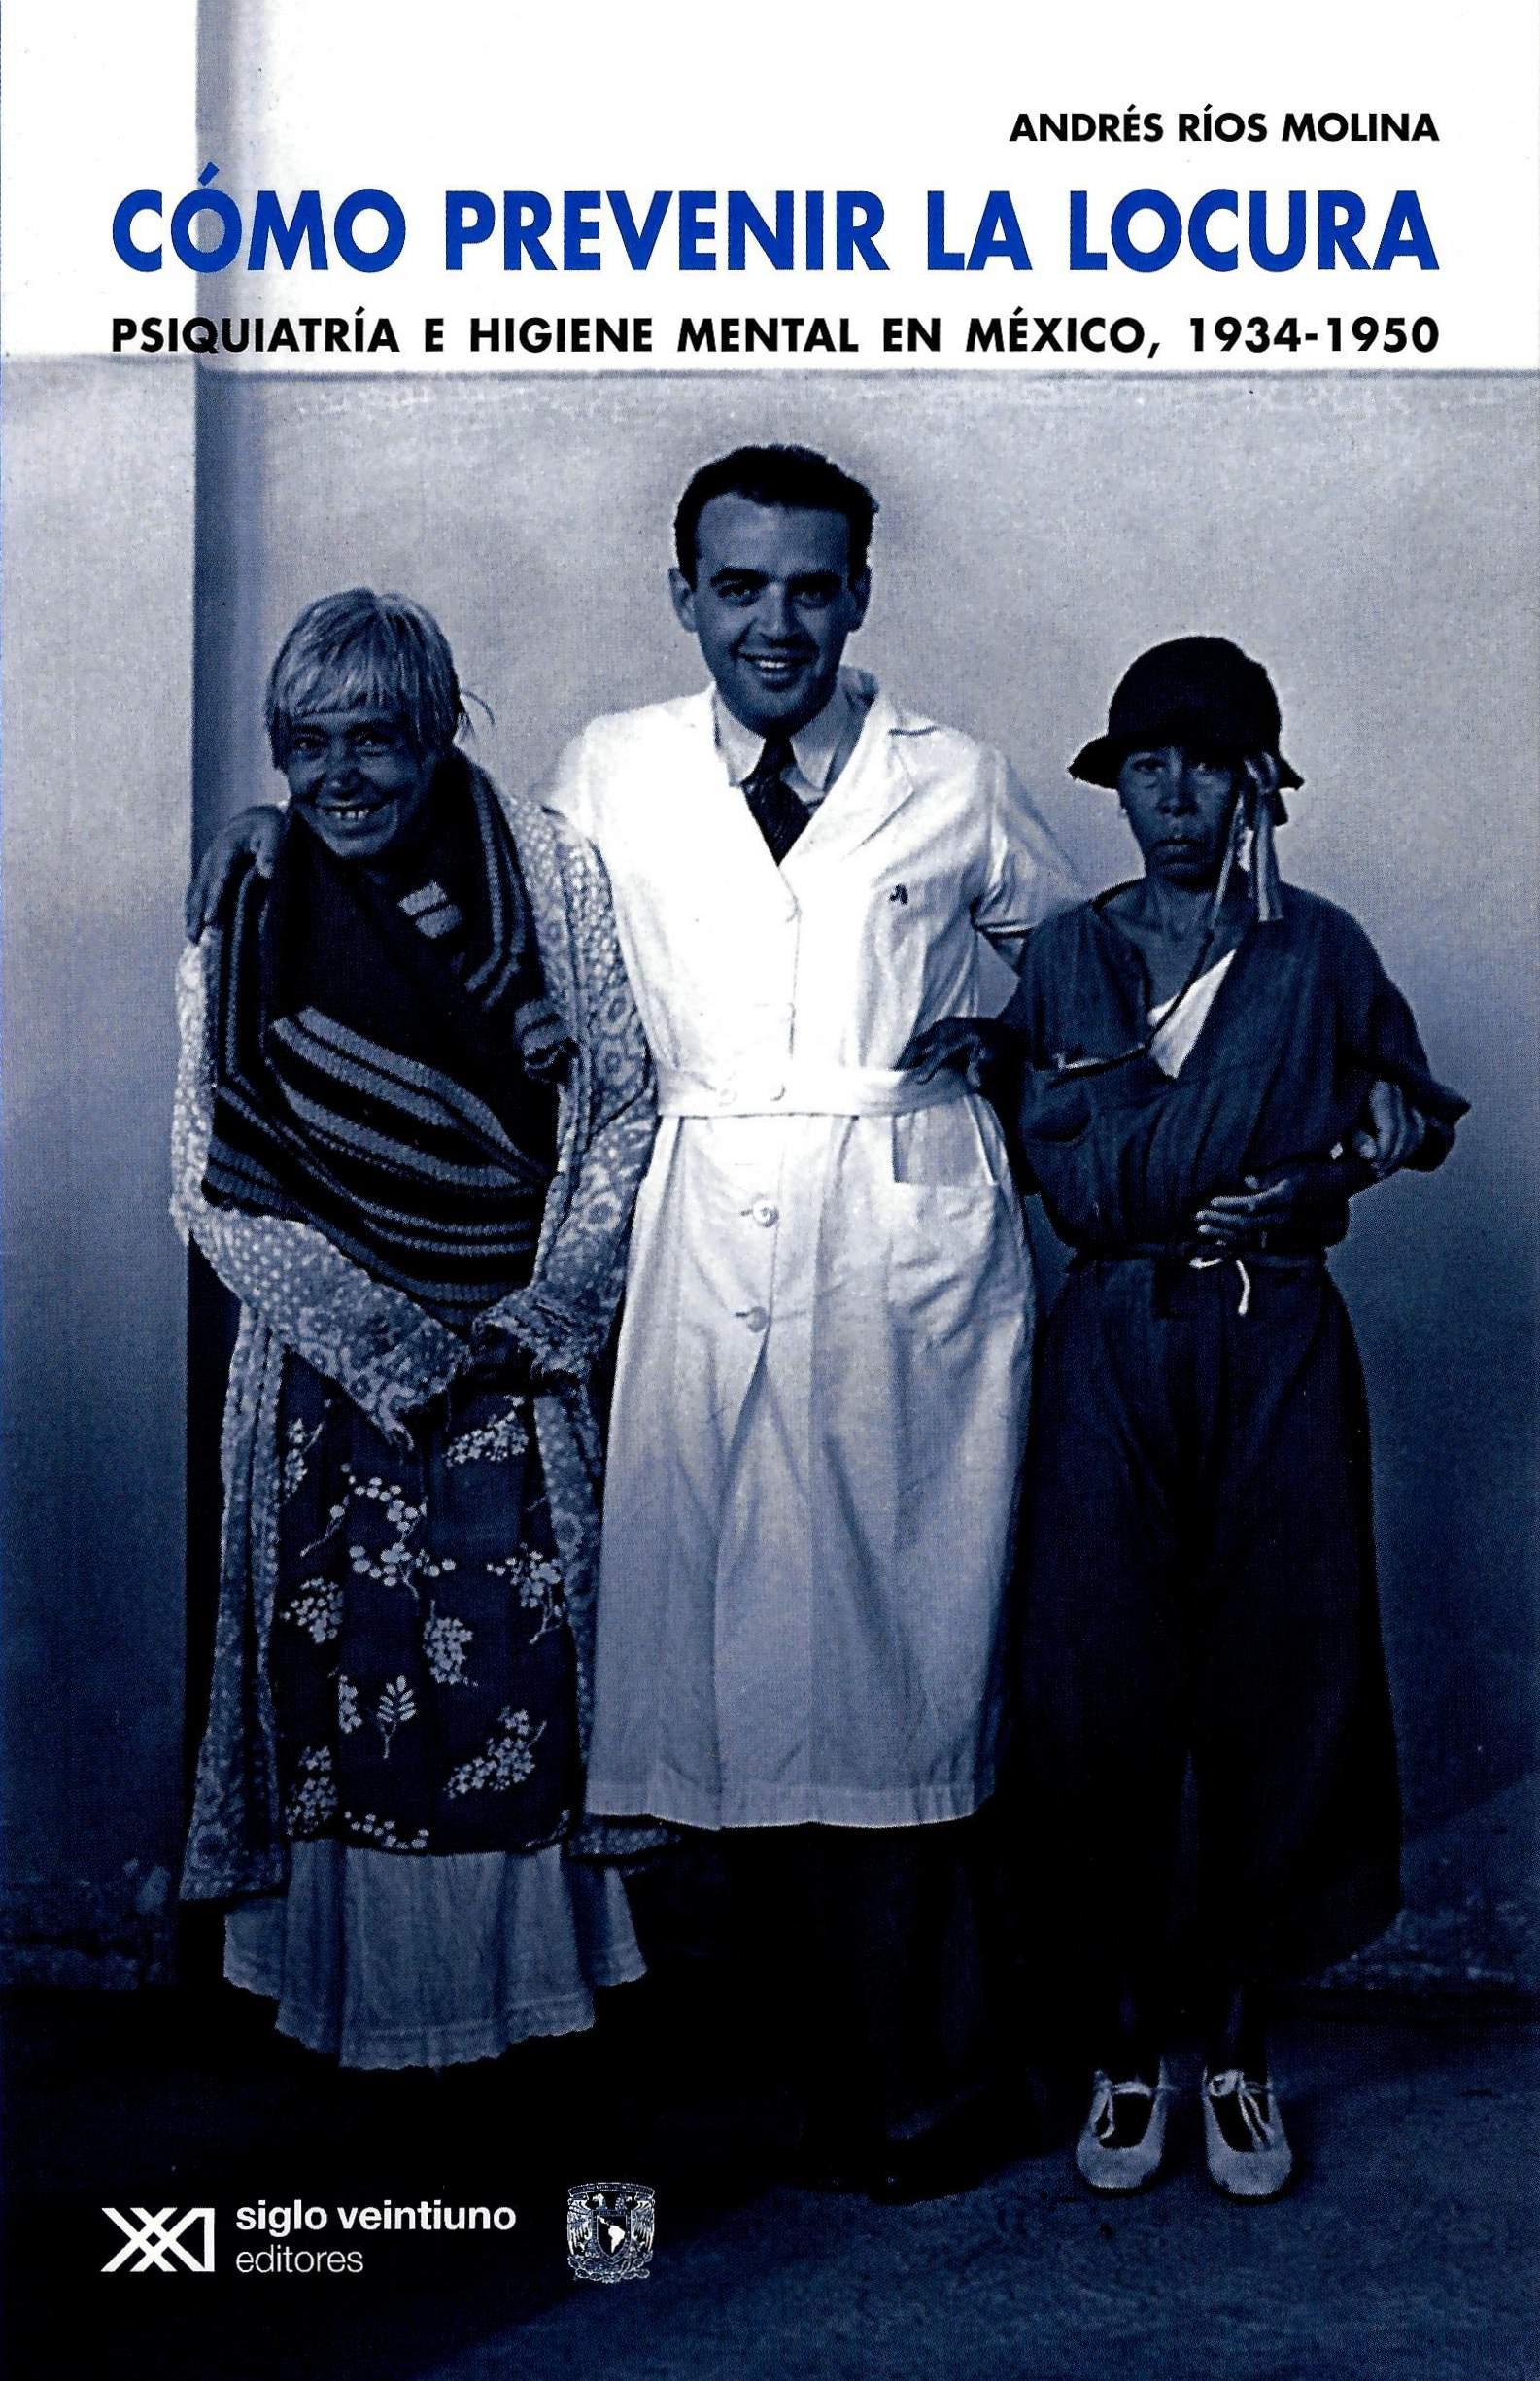 Como prevenir la locura. Psiquiatria e higiene mental en México, 1934-1950